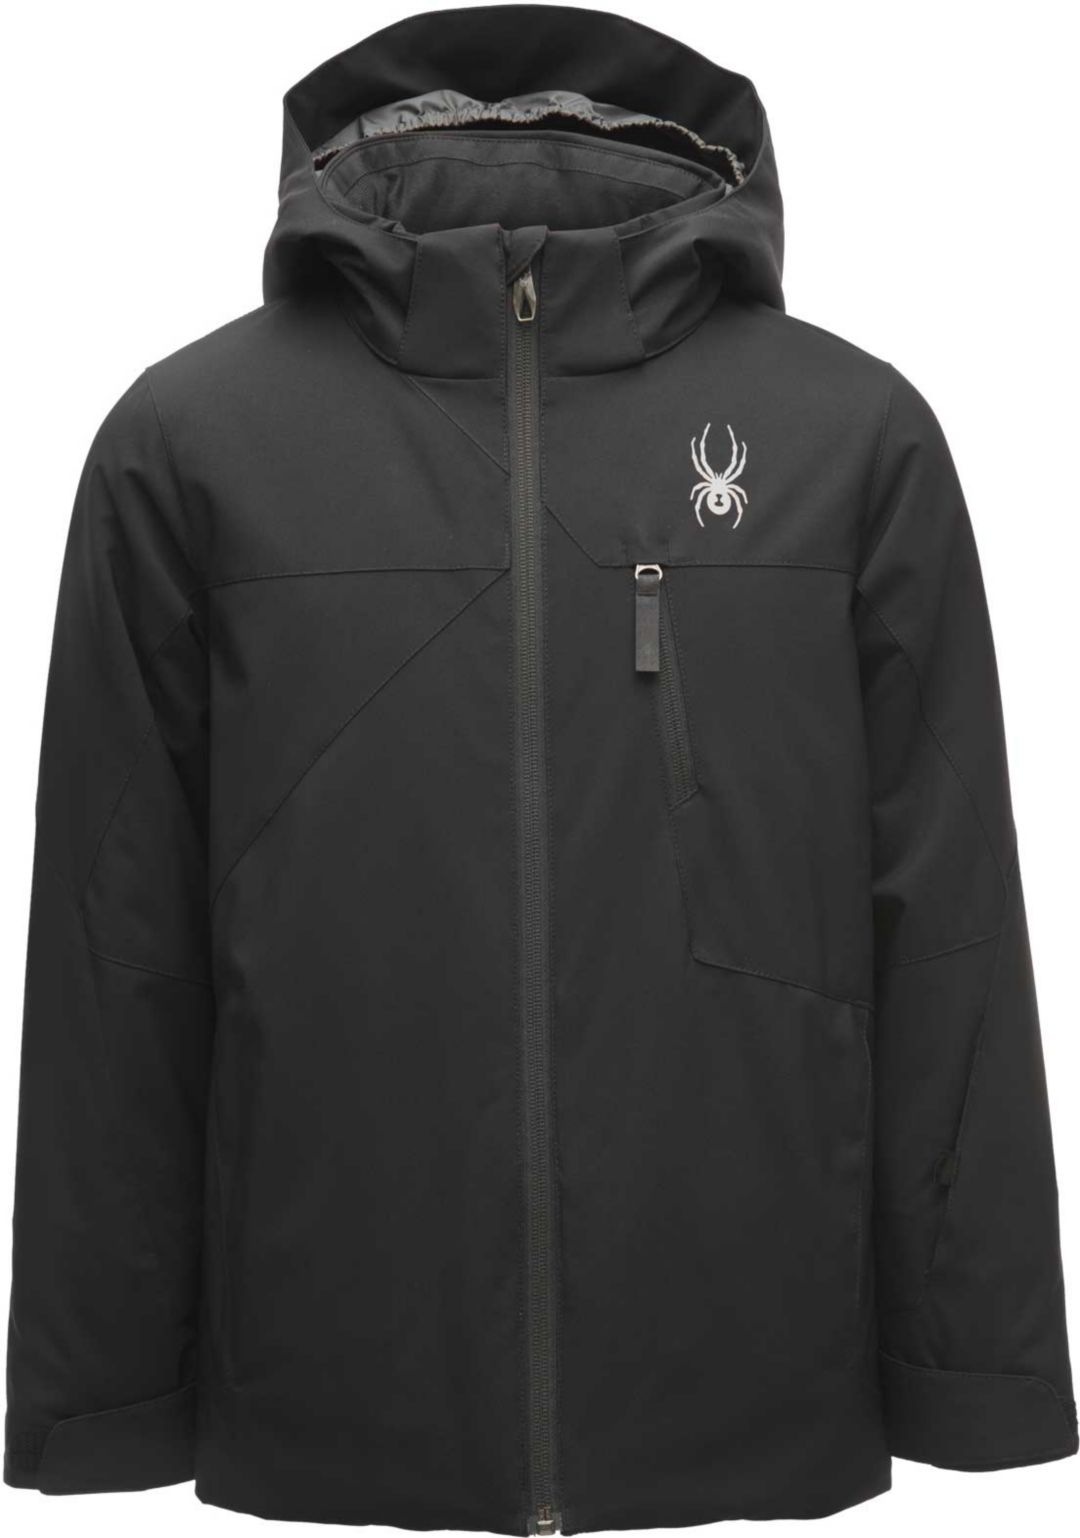 double coupon new cheap online Spyder Boys' Ambush Jacket